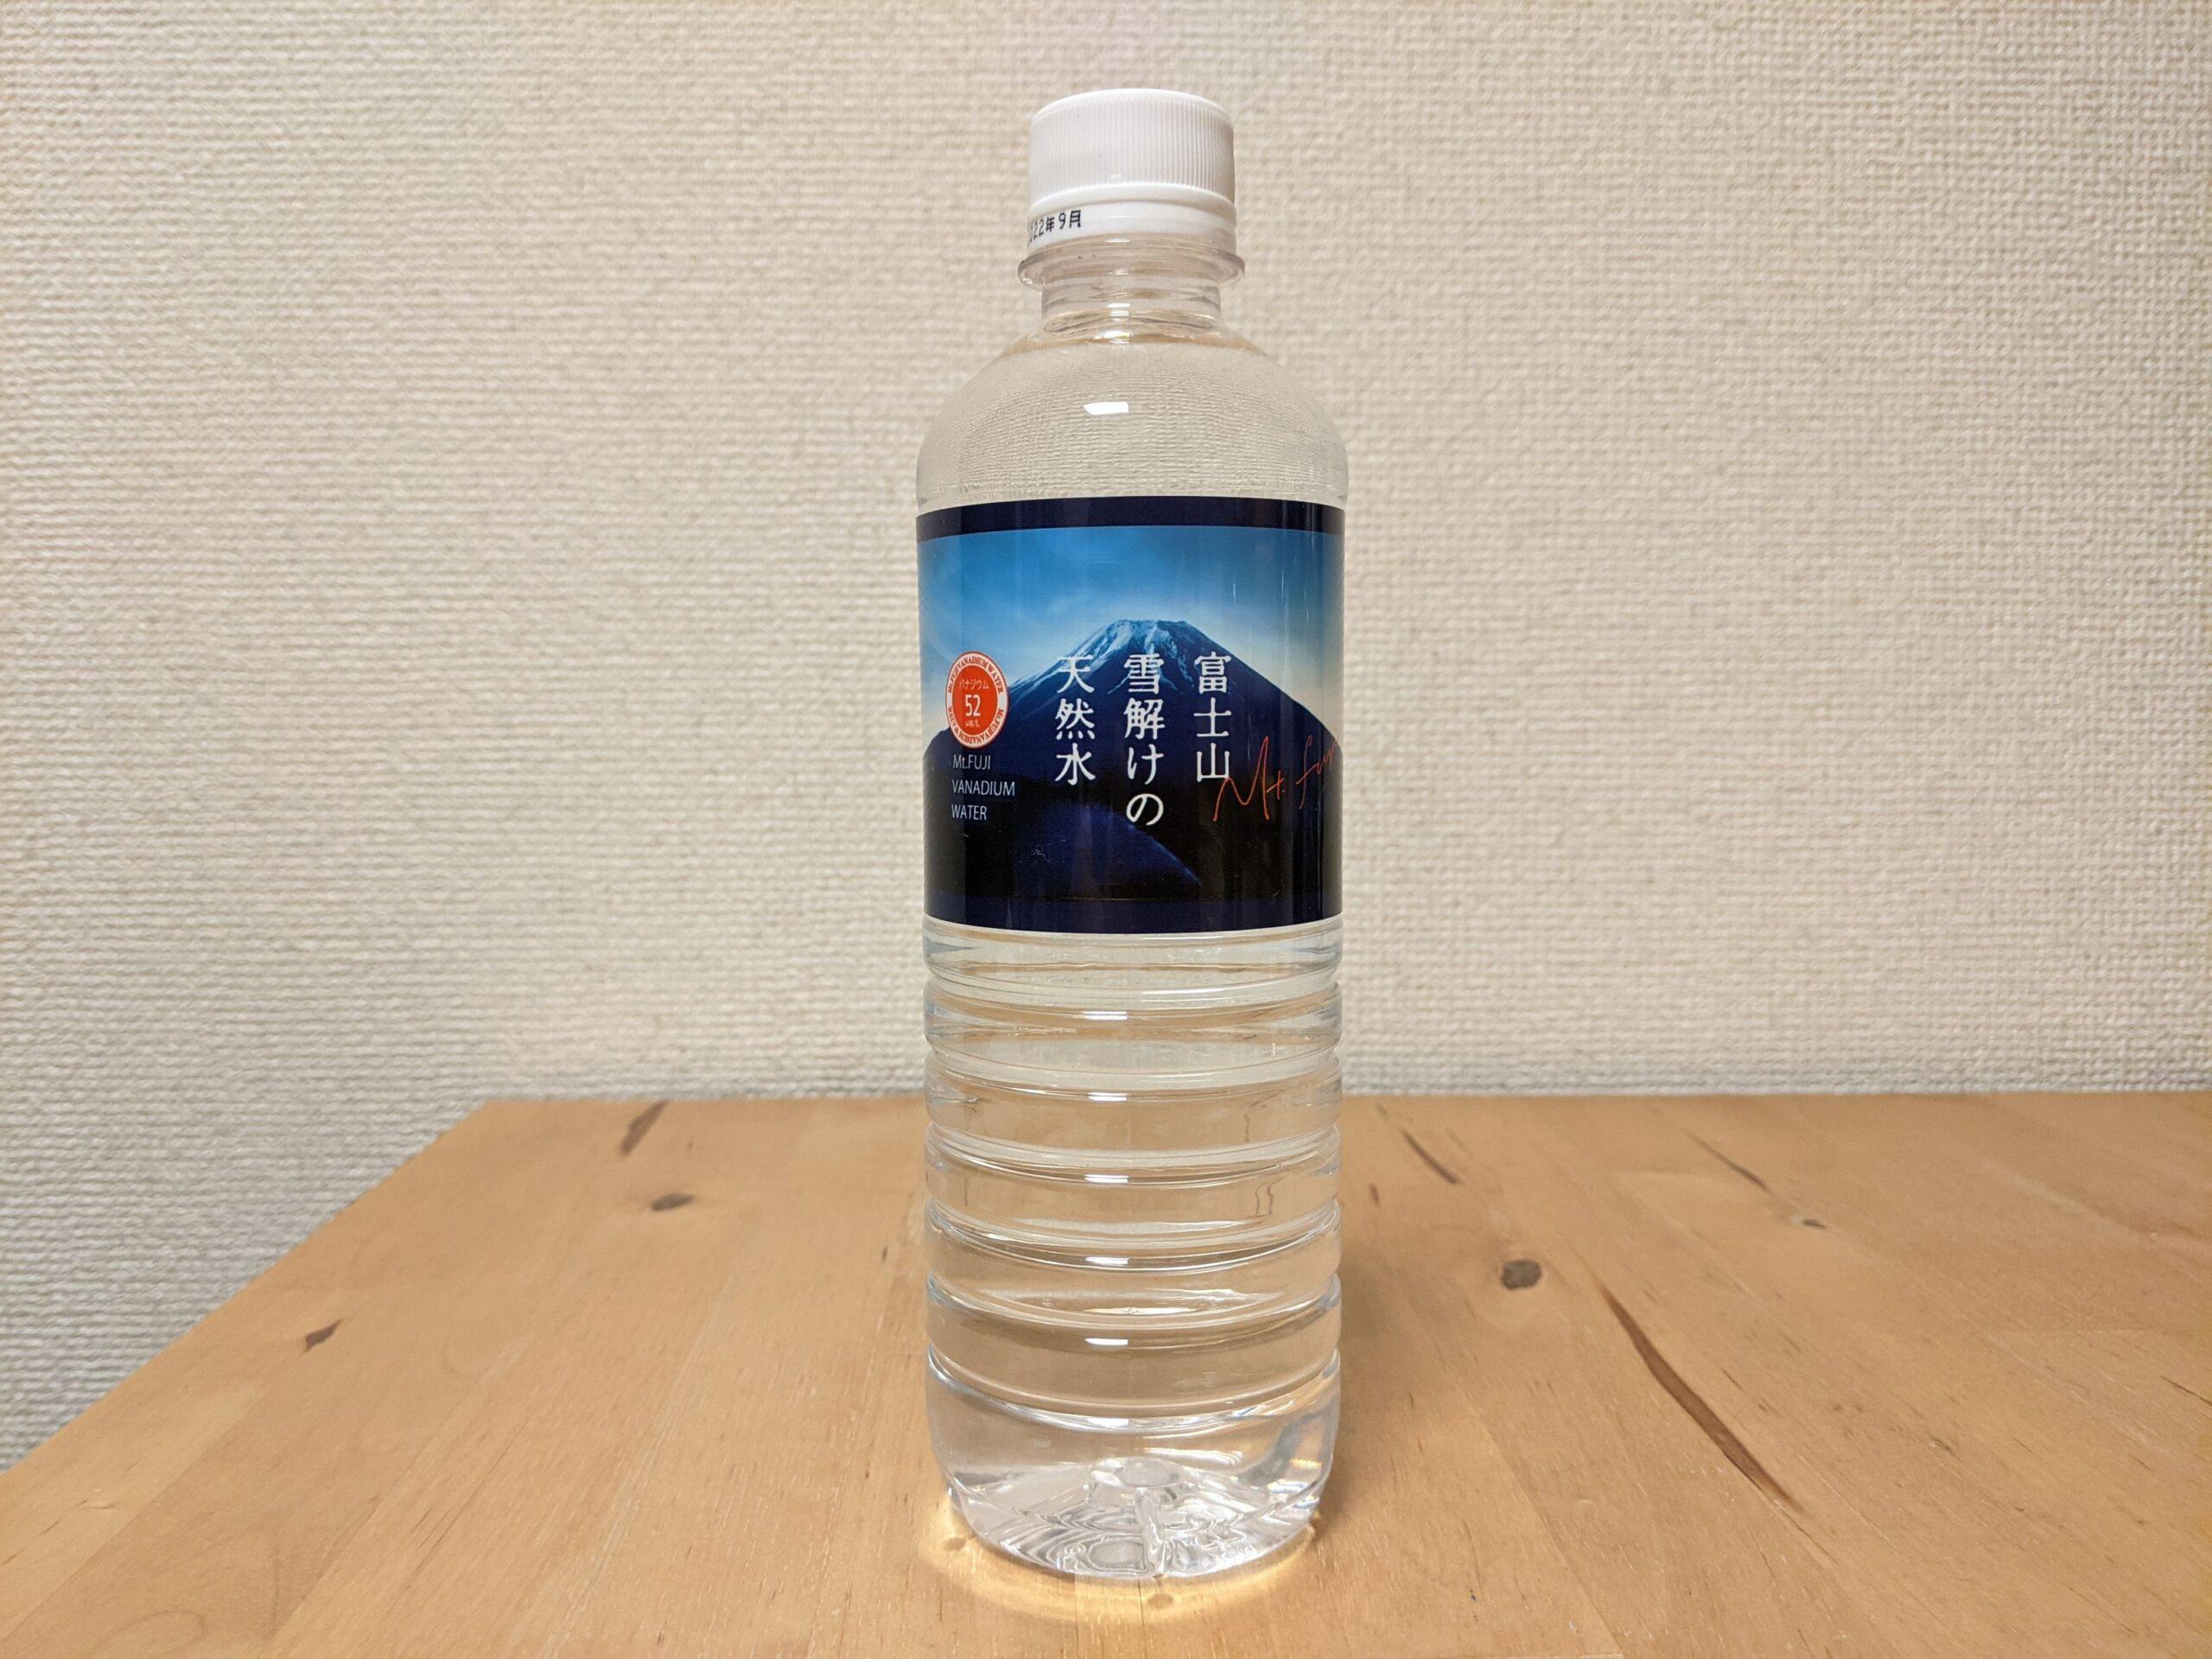 ミネラルウォーター mineralwater 山中湖村 バナジウム